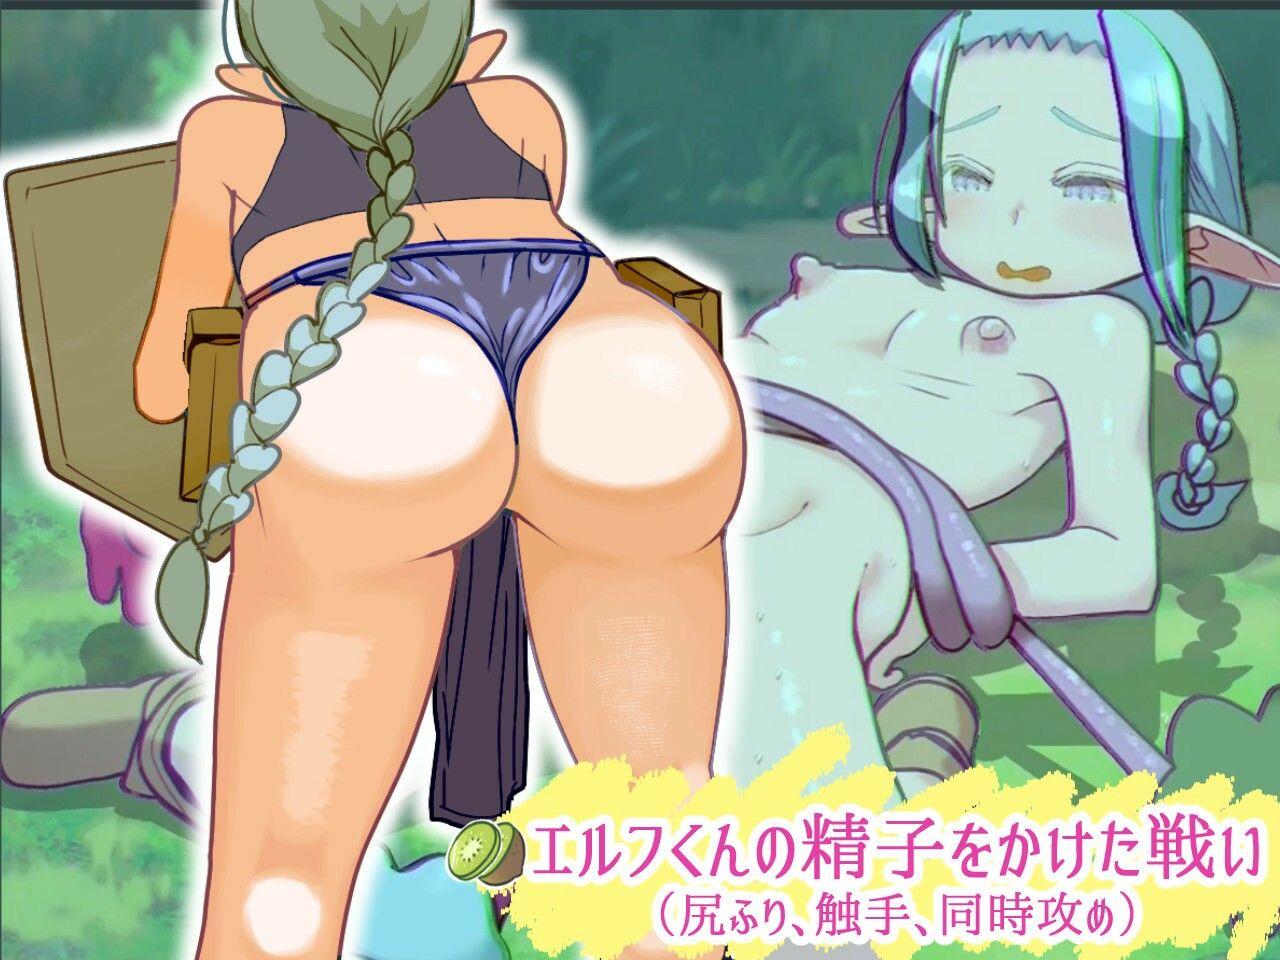 男の娘アニメーション:オムニバス